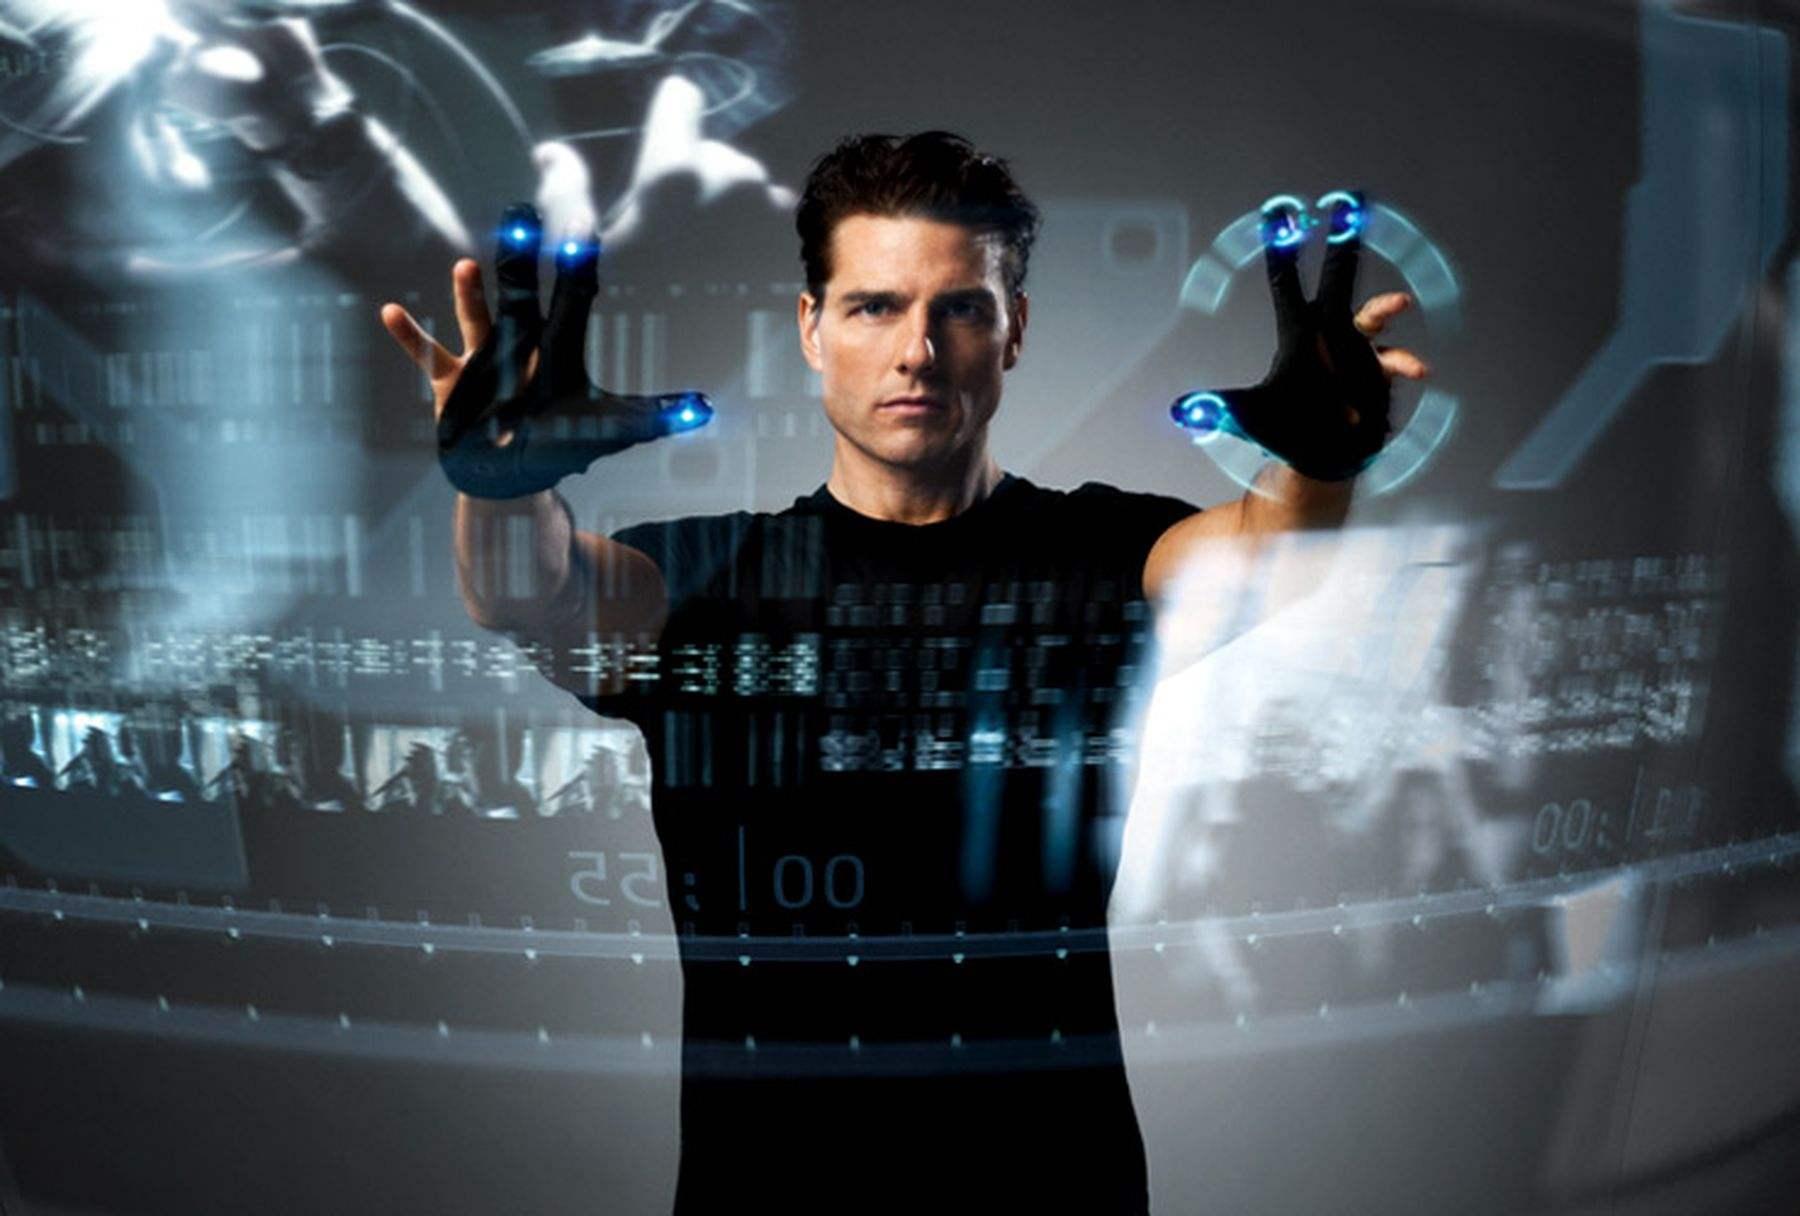 英国警方将使用人工智能来决定是否关押嫌犯